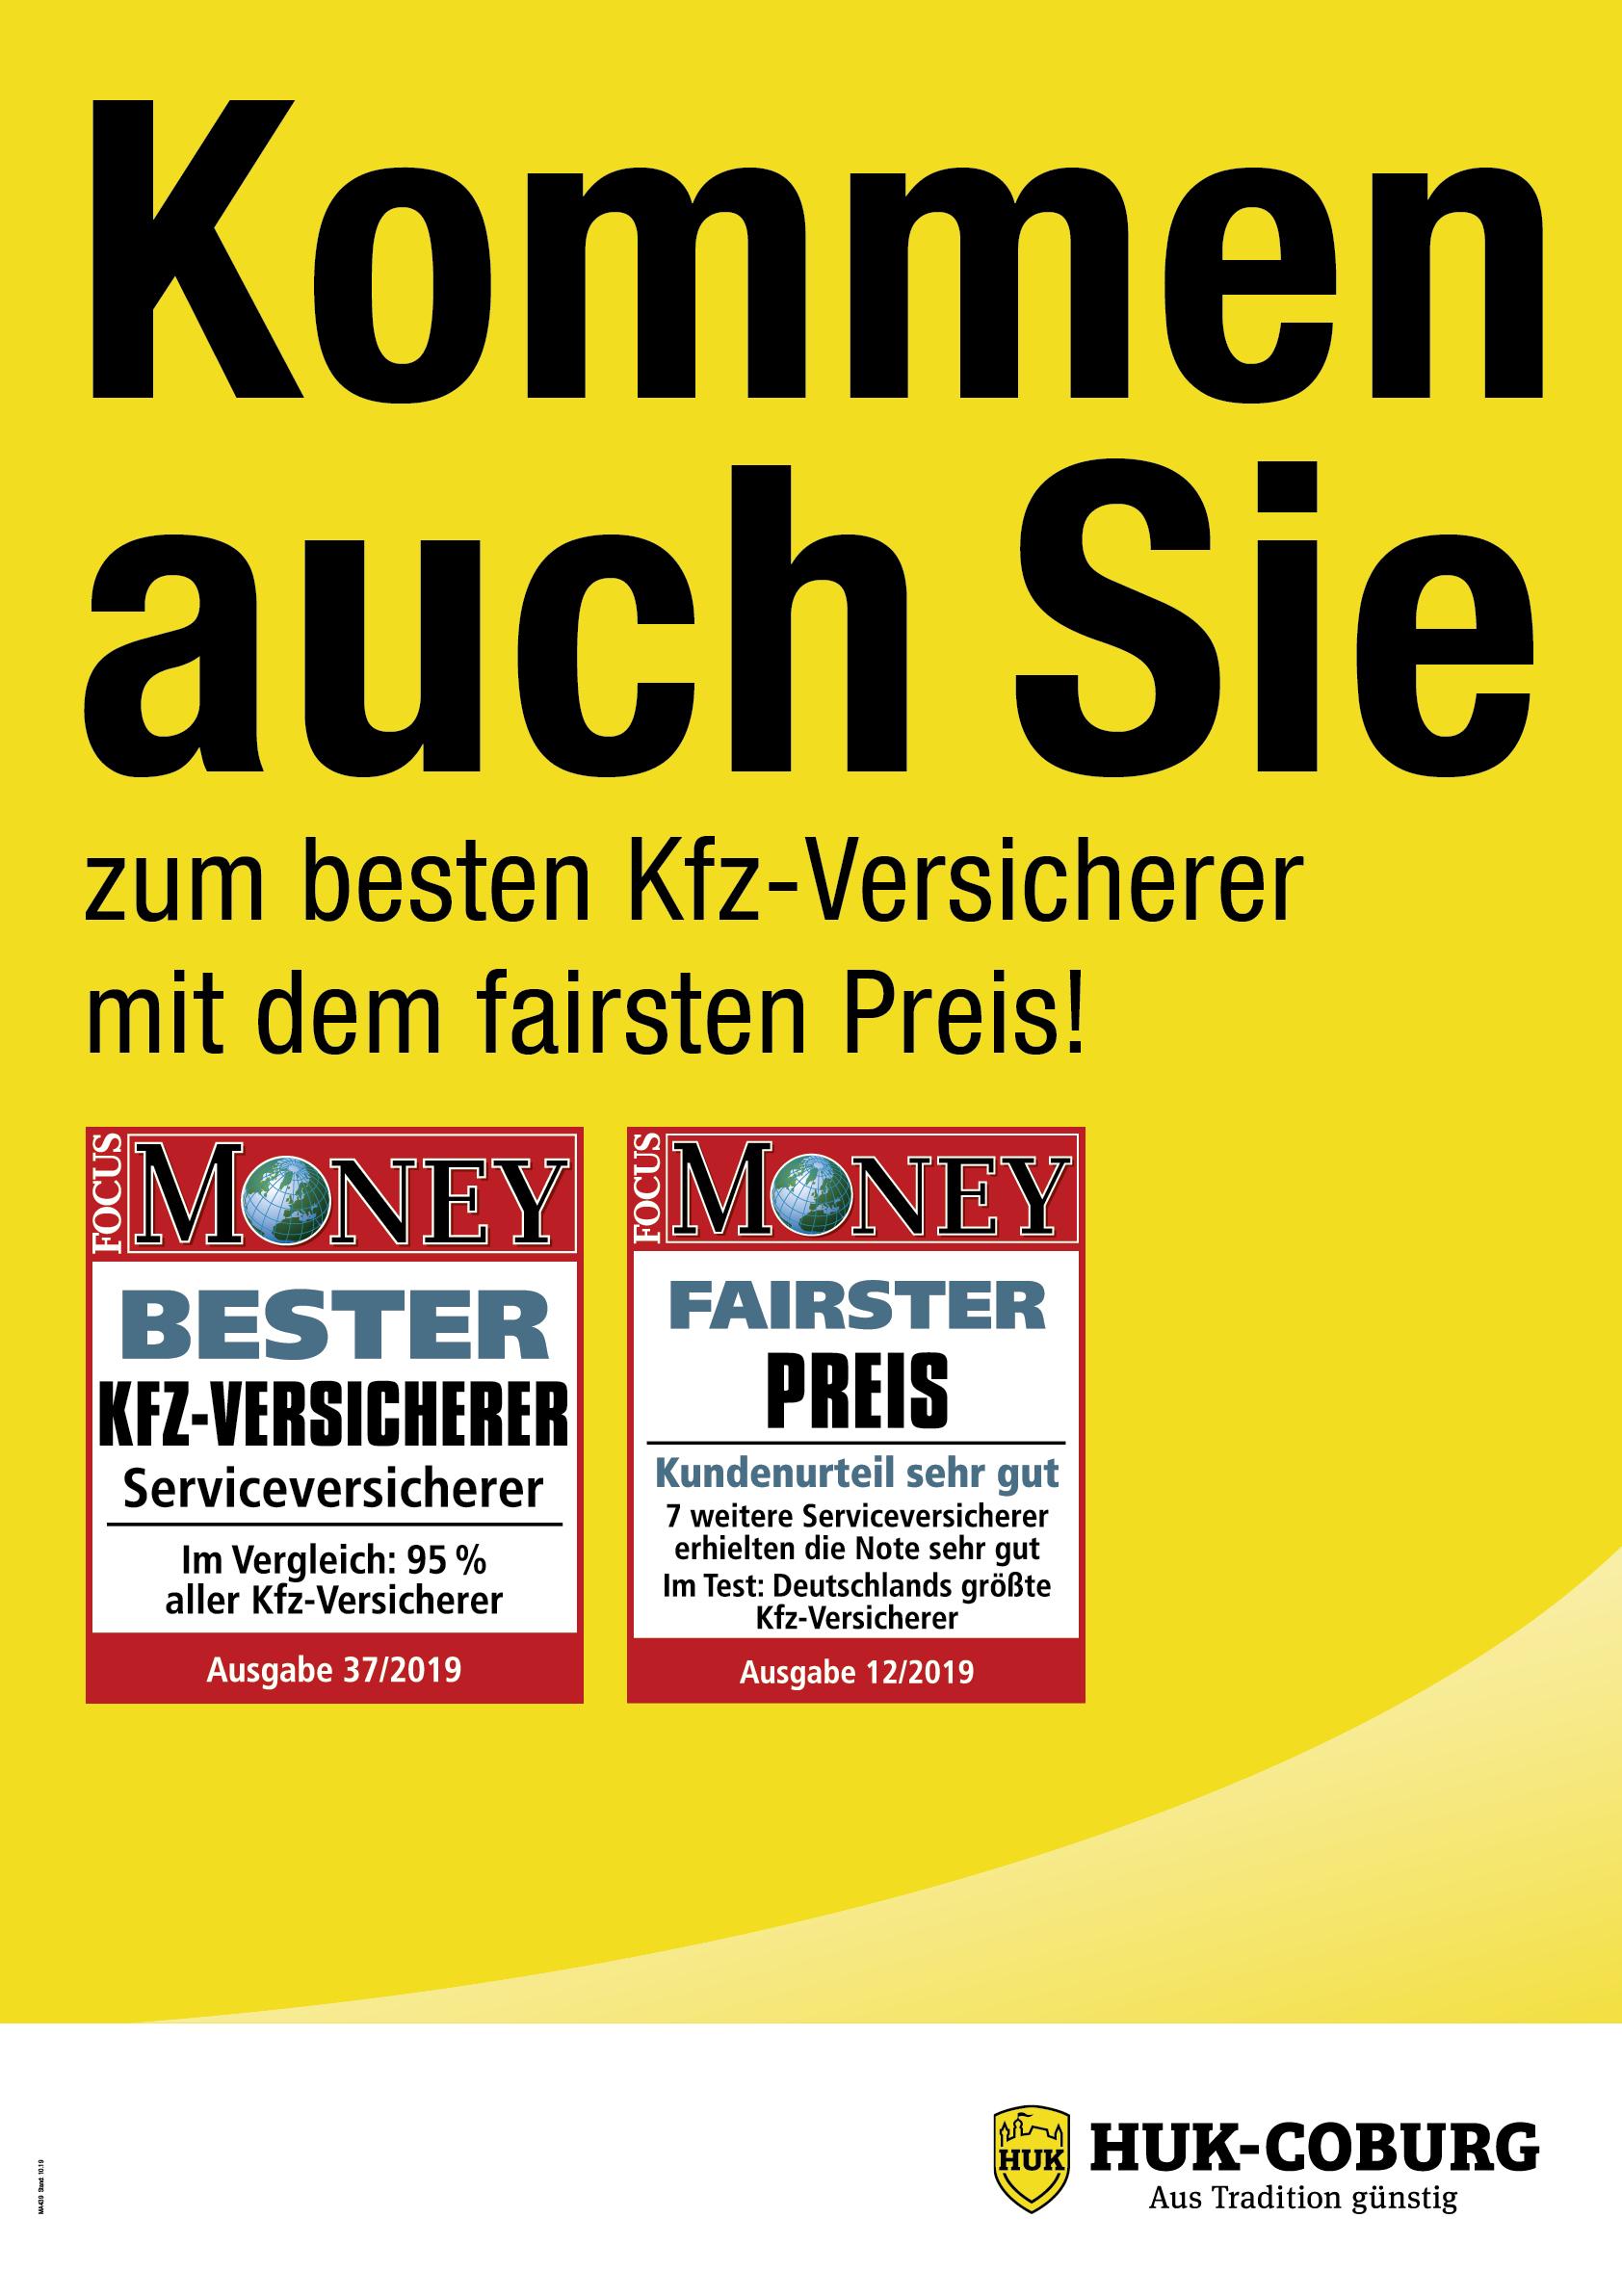 HUK-COBURG Versicherung Christoph Kanther in Krailling